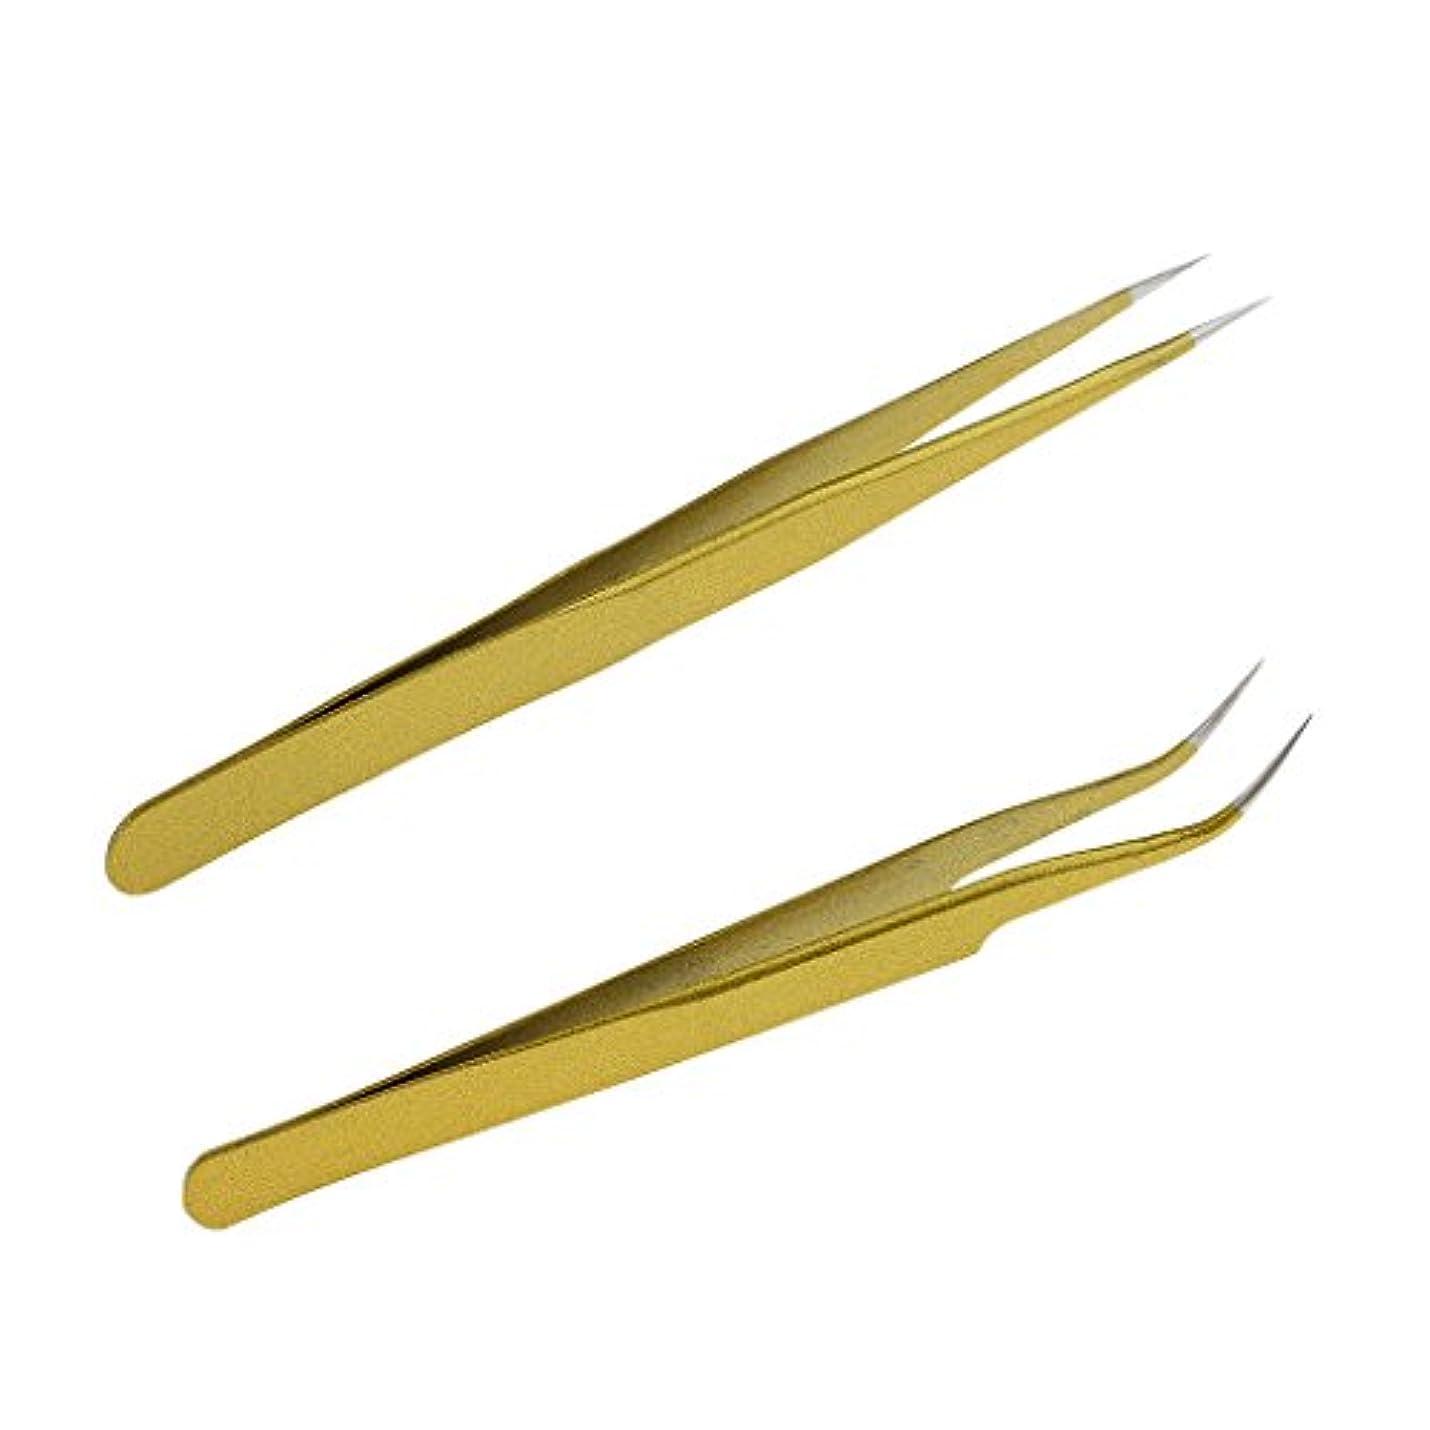 苦行略すセットアップ毛抜き ピンセット ステンレス 曲線 ストレート まつげエクステンション ゴールド 2本セット